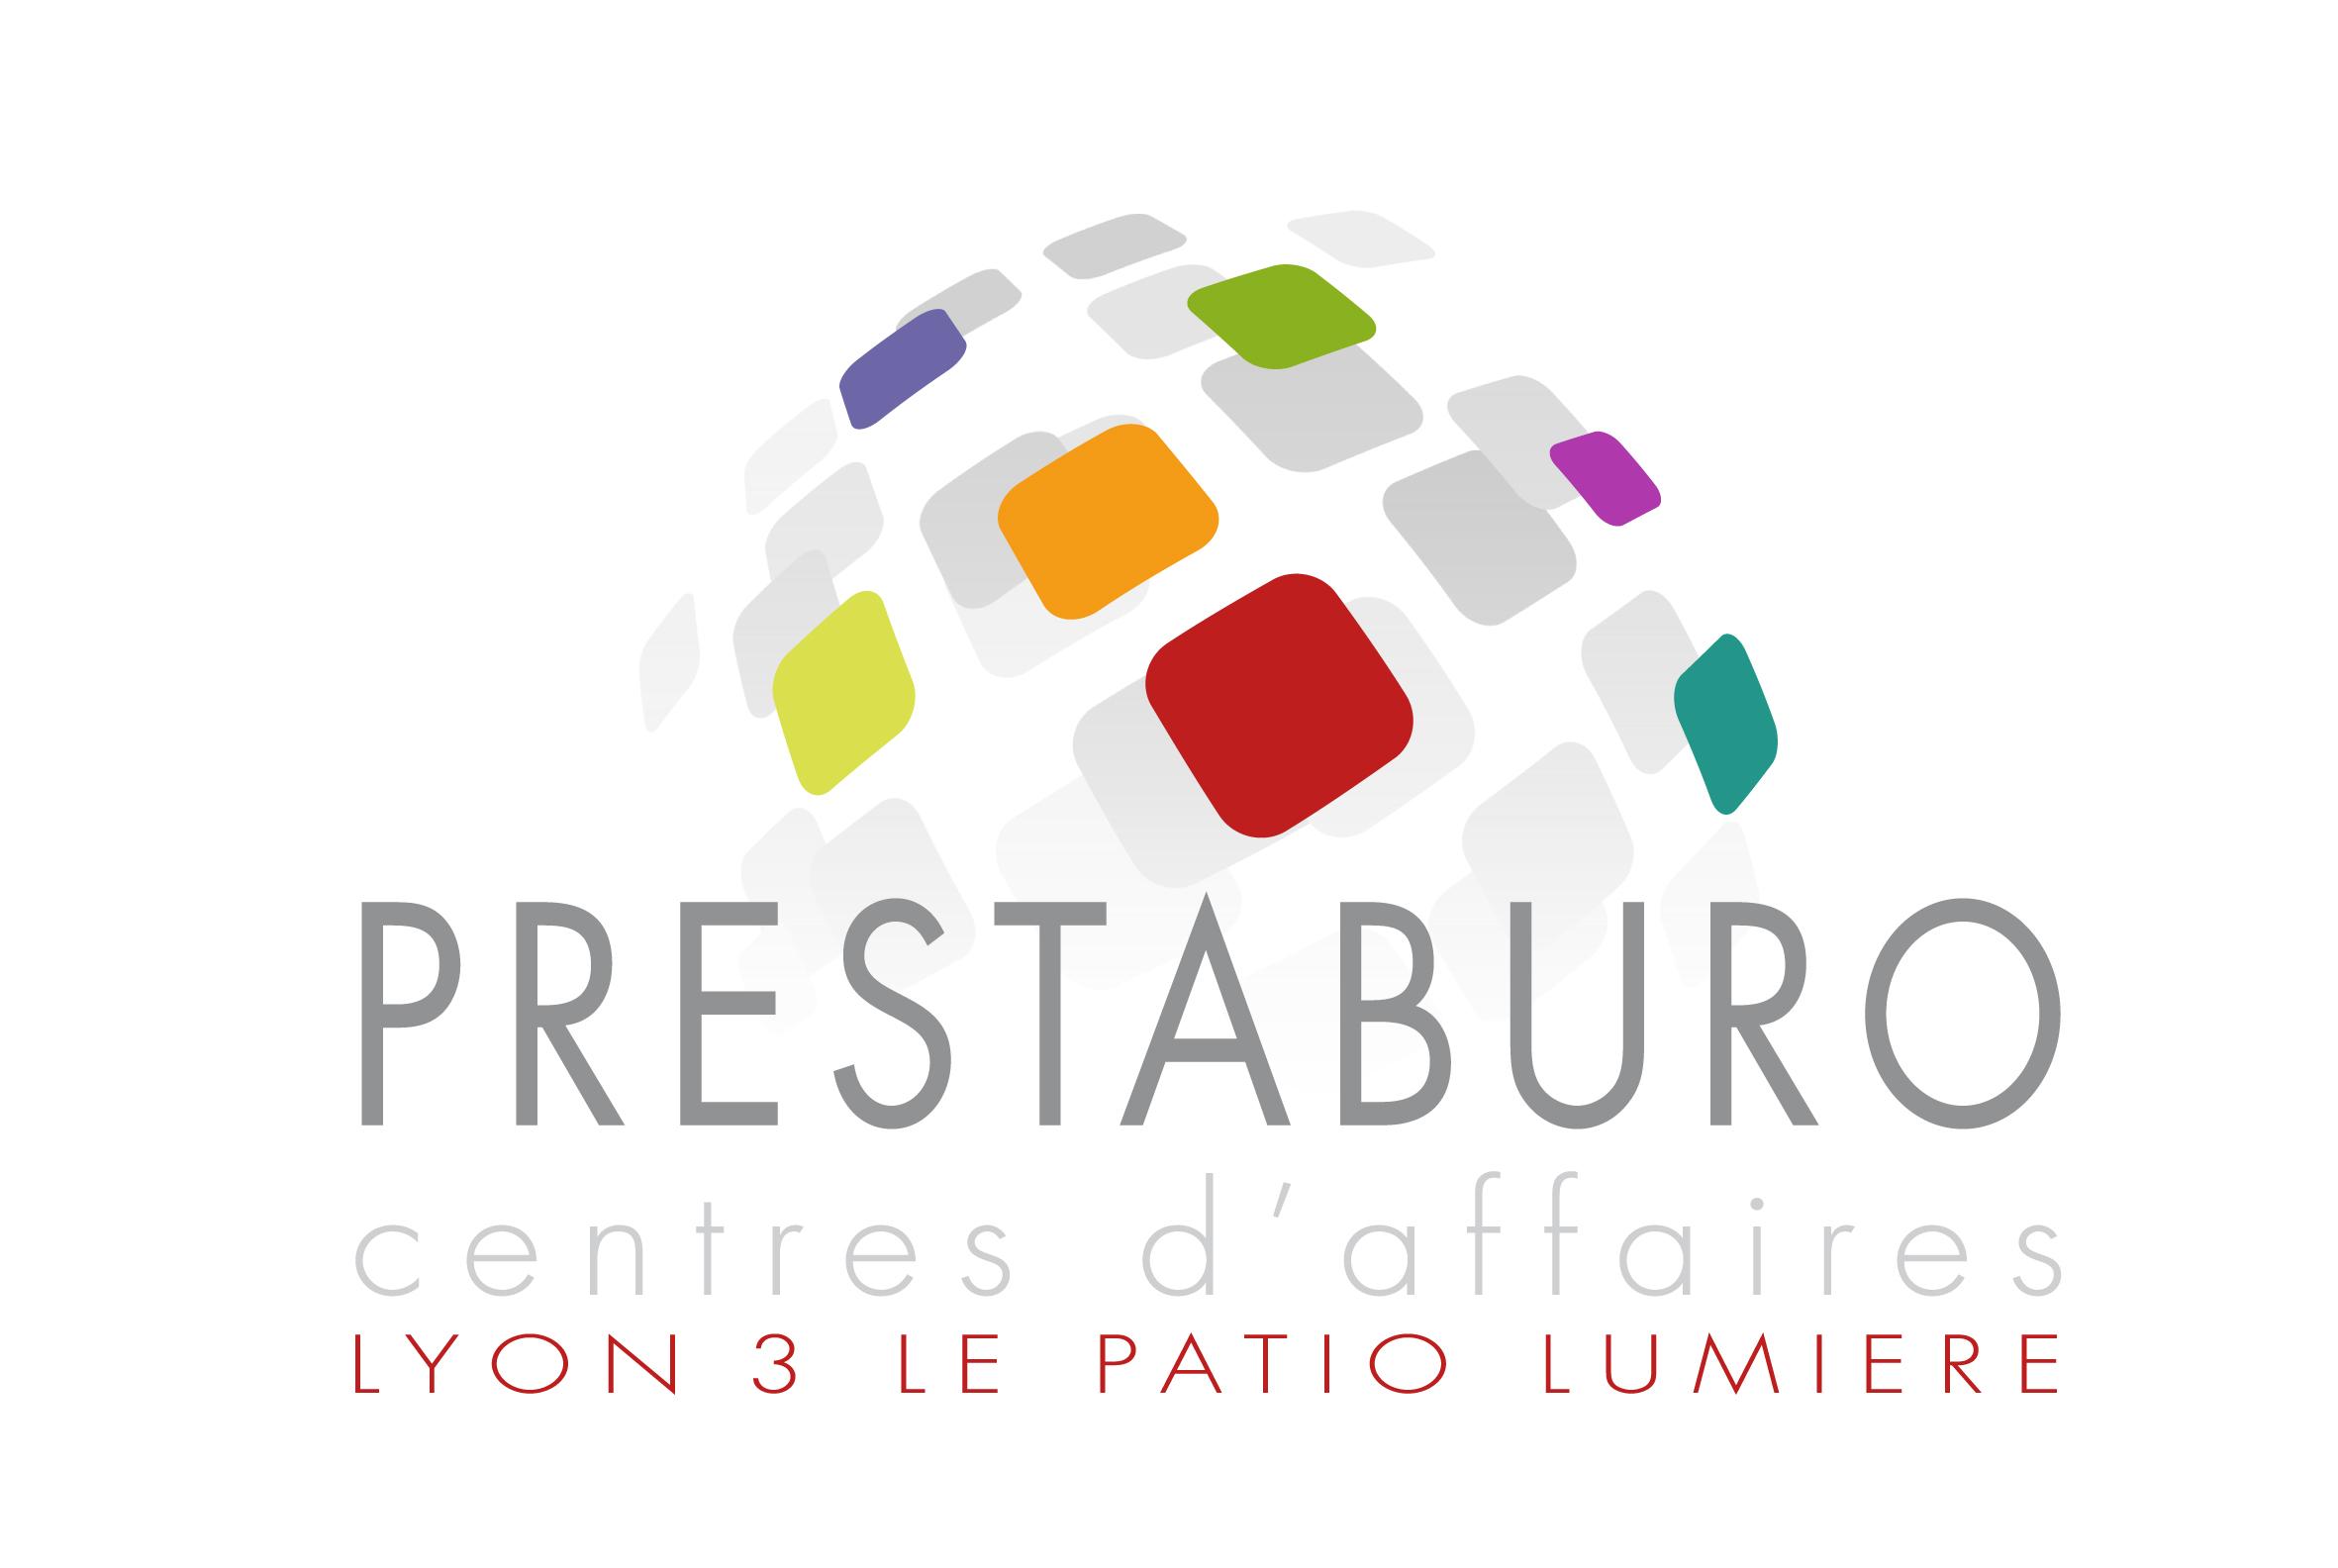 PRESTABURO-PCi-CRM